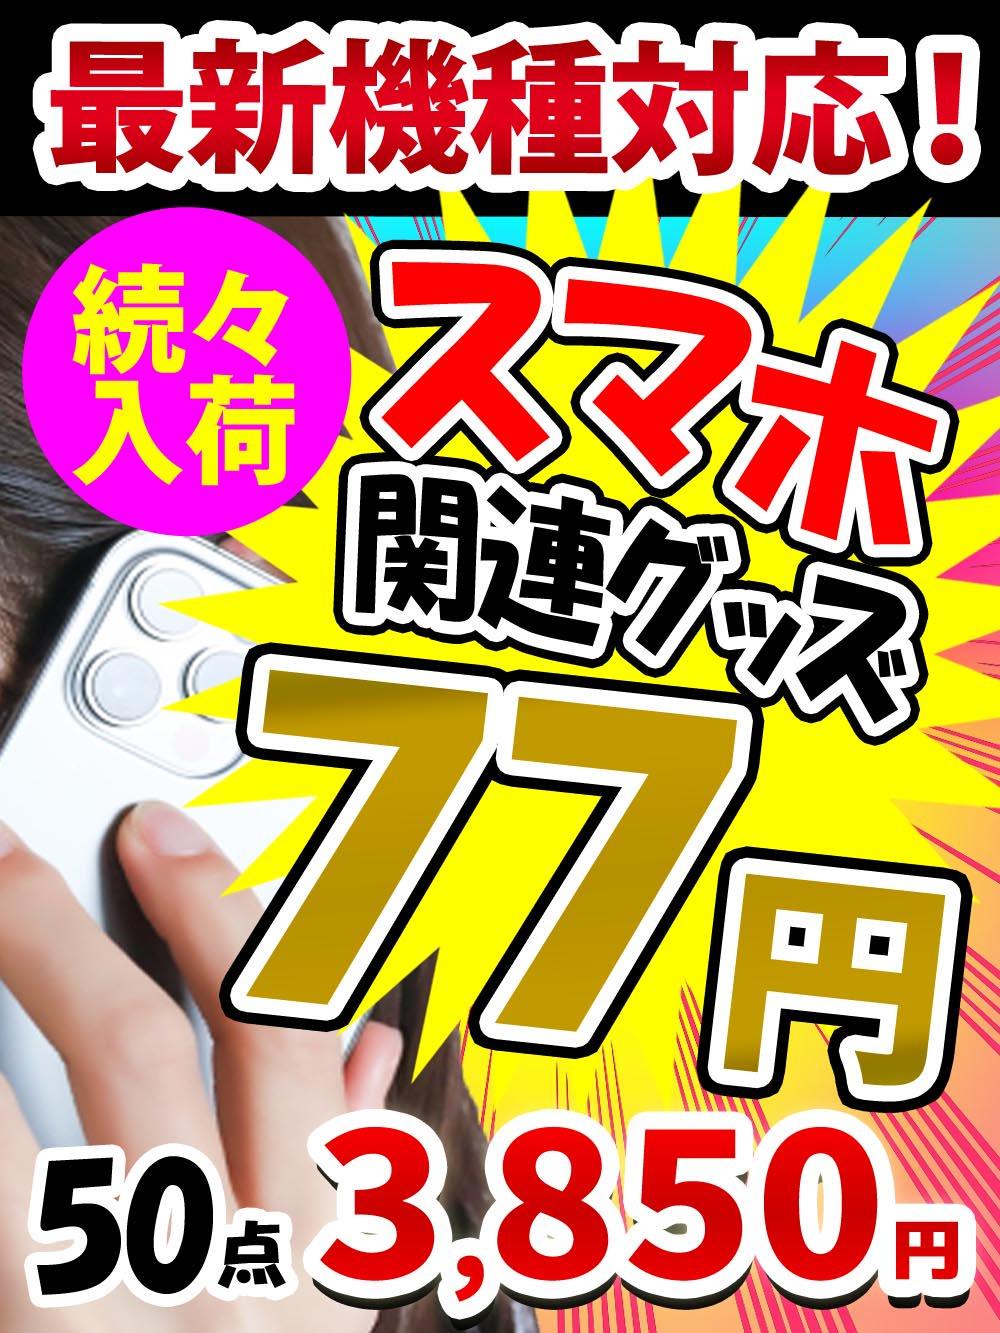 再入荷【上代90%OFF確定】スマホケース&フィルムアソート iPad/iPhone/Xperia/GALAXY/…多種対応【50点】@55